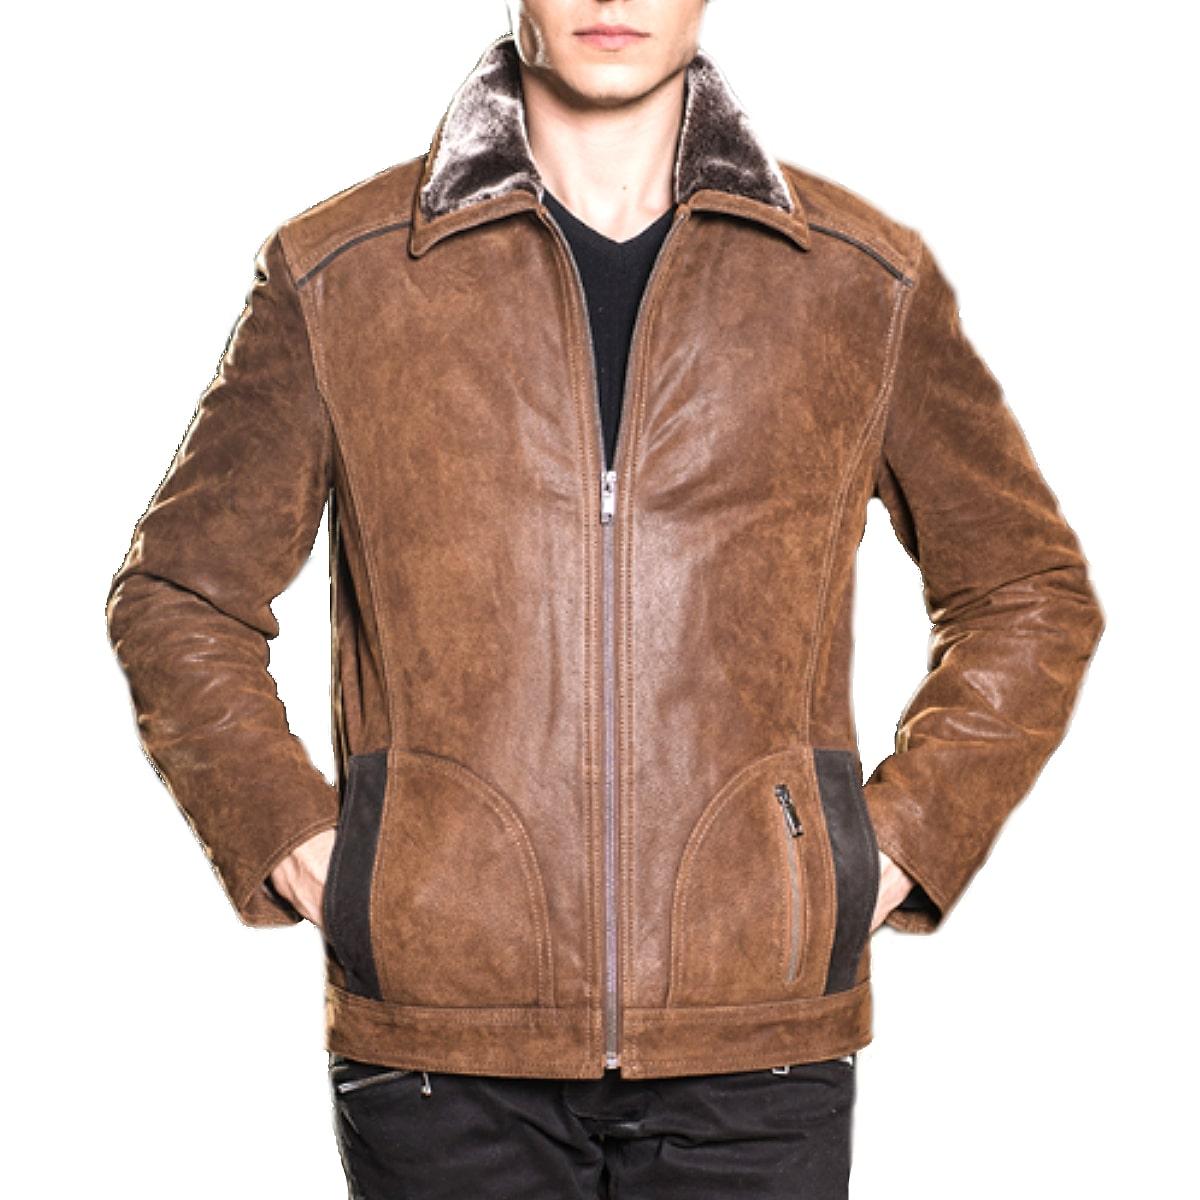 【送料無料!】全10サイズ! [Men's Air Force Vintage Pigskin Genuine Leather Motorcycle Jacket] メンズ エアフォース ビンテージ ピッグスキンレザー モーターサイクル ジャケット! 本革 豚革 革ジャン ライダース ブラウン フェイクファー コート アウター バイクに!